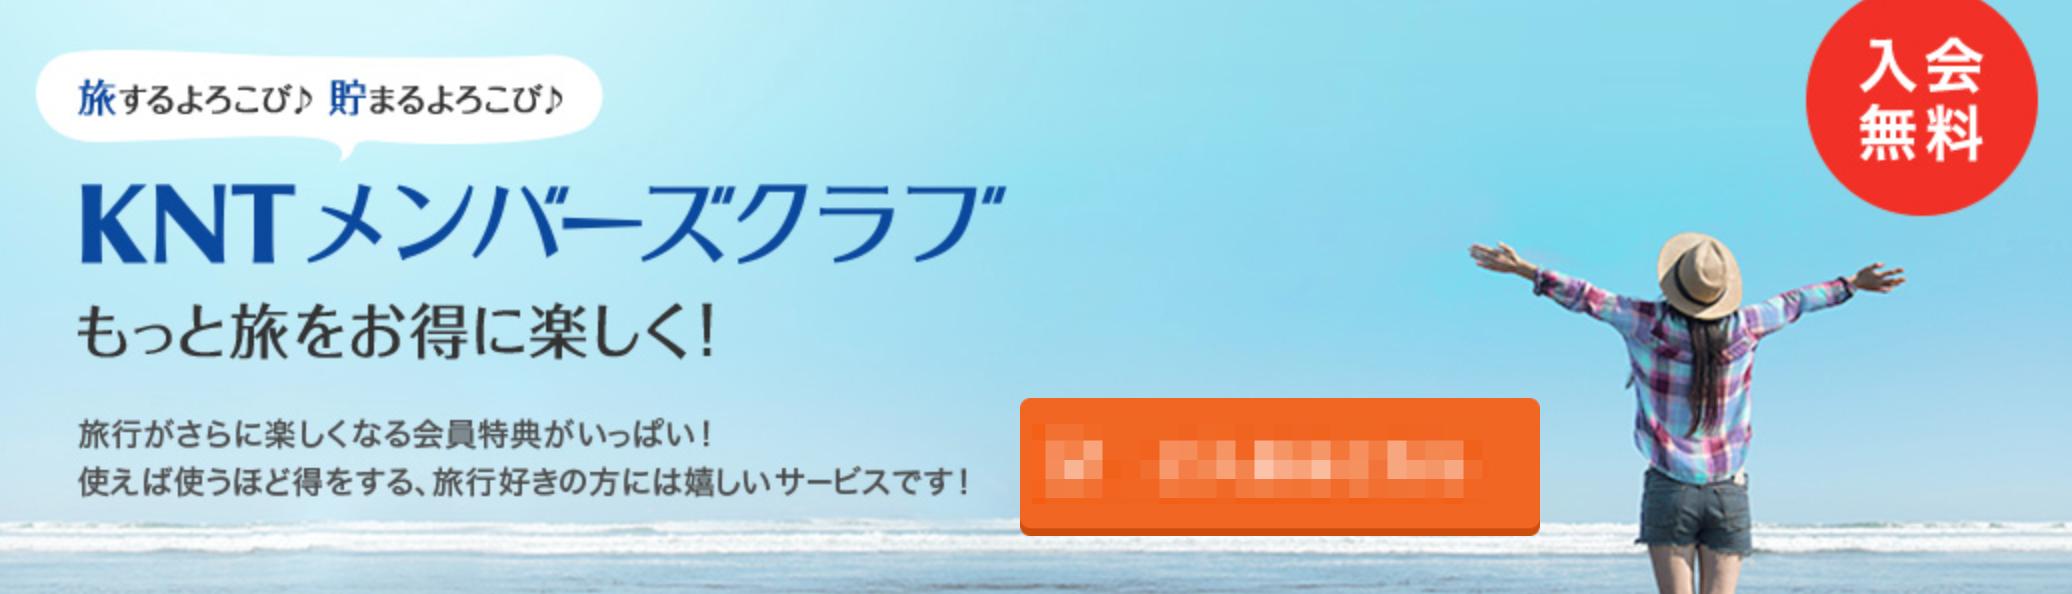 近畿日本ツーリストのクーポン・セールを使って予約する前に会員登録すべき理由